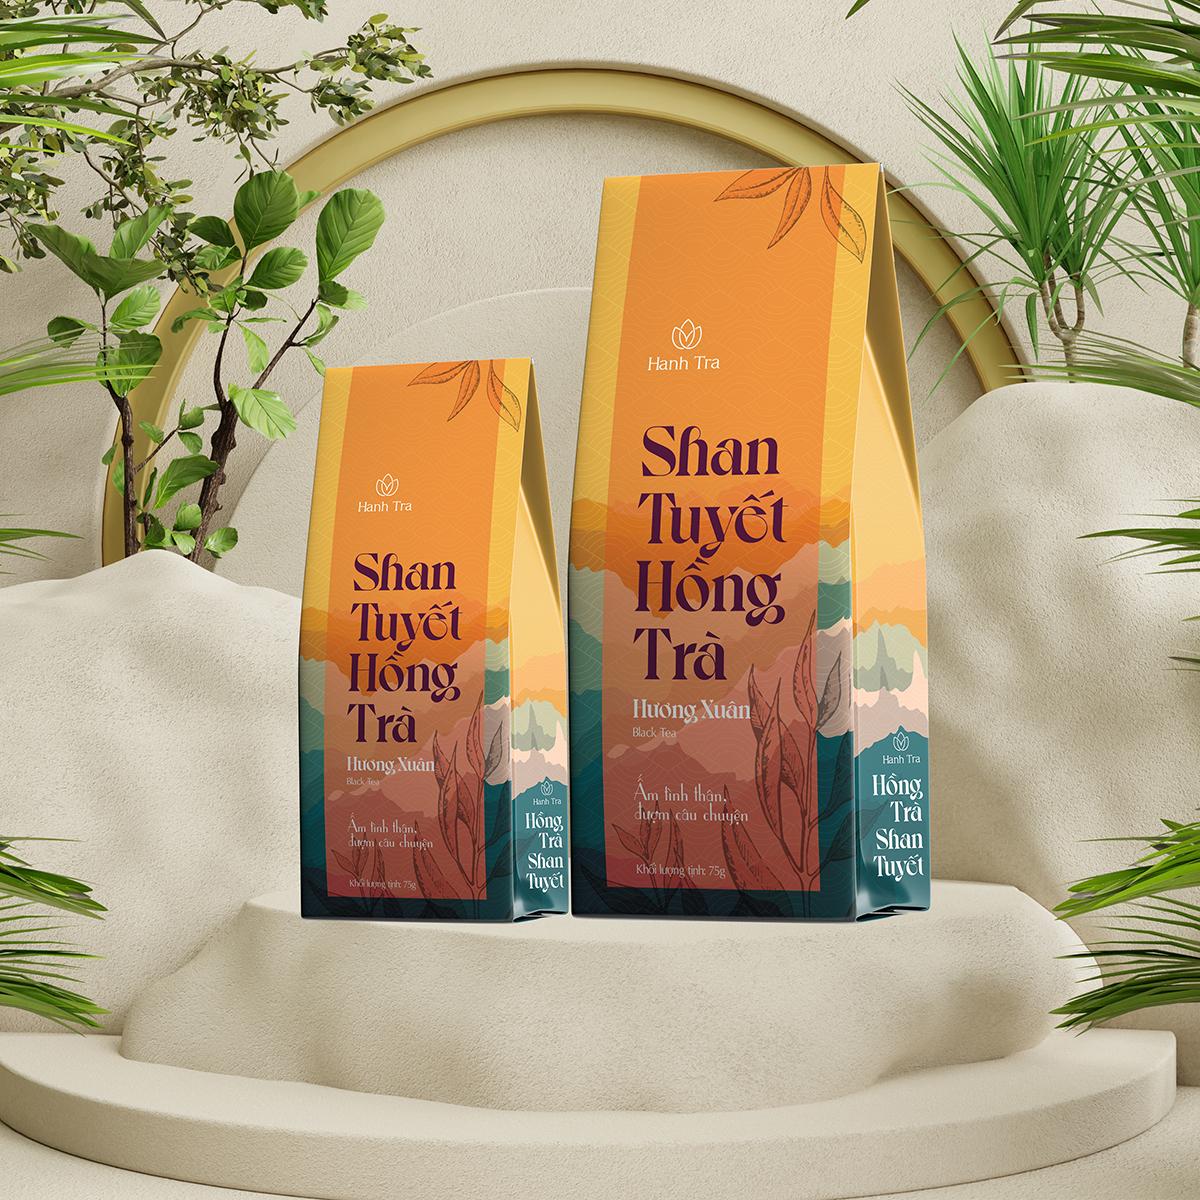 Shan Tuyết Hồng Trà Hương Xuân Cao Cấp 75g - Black Tea